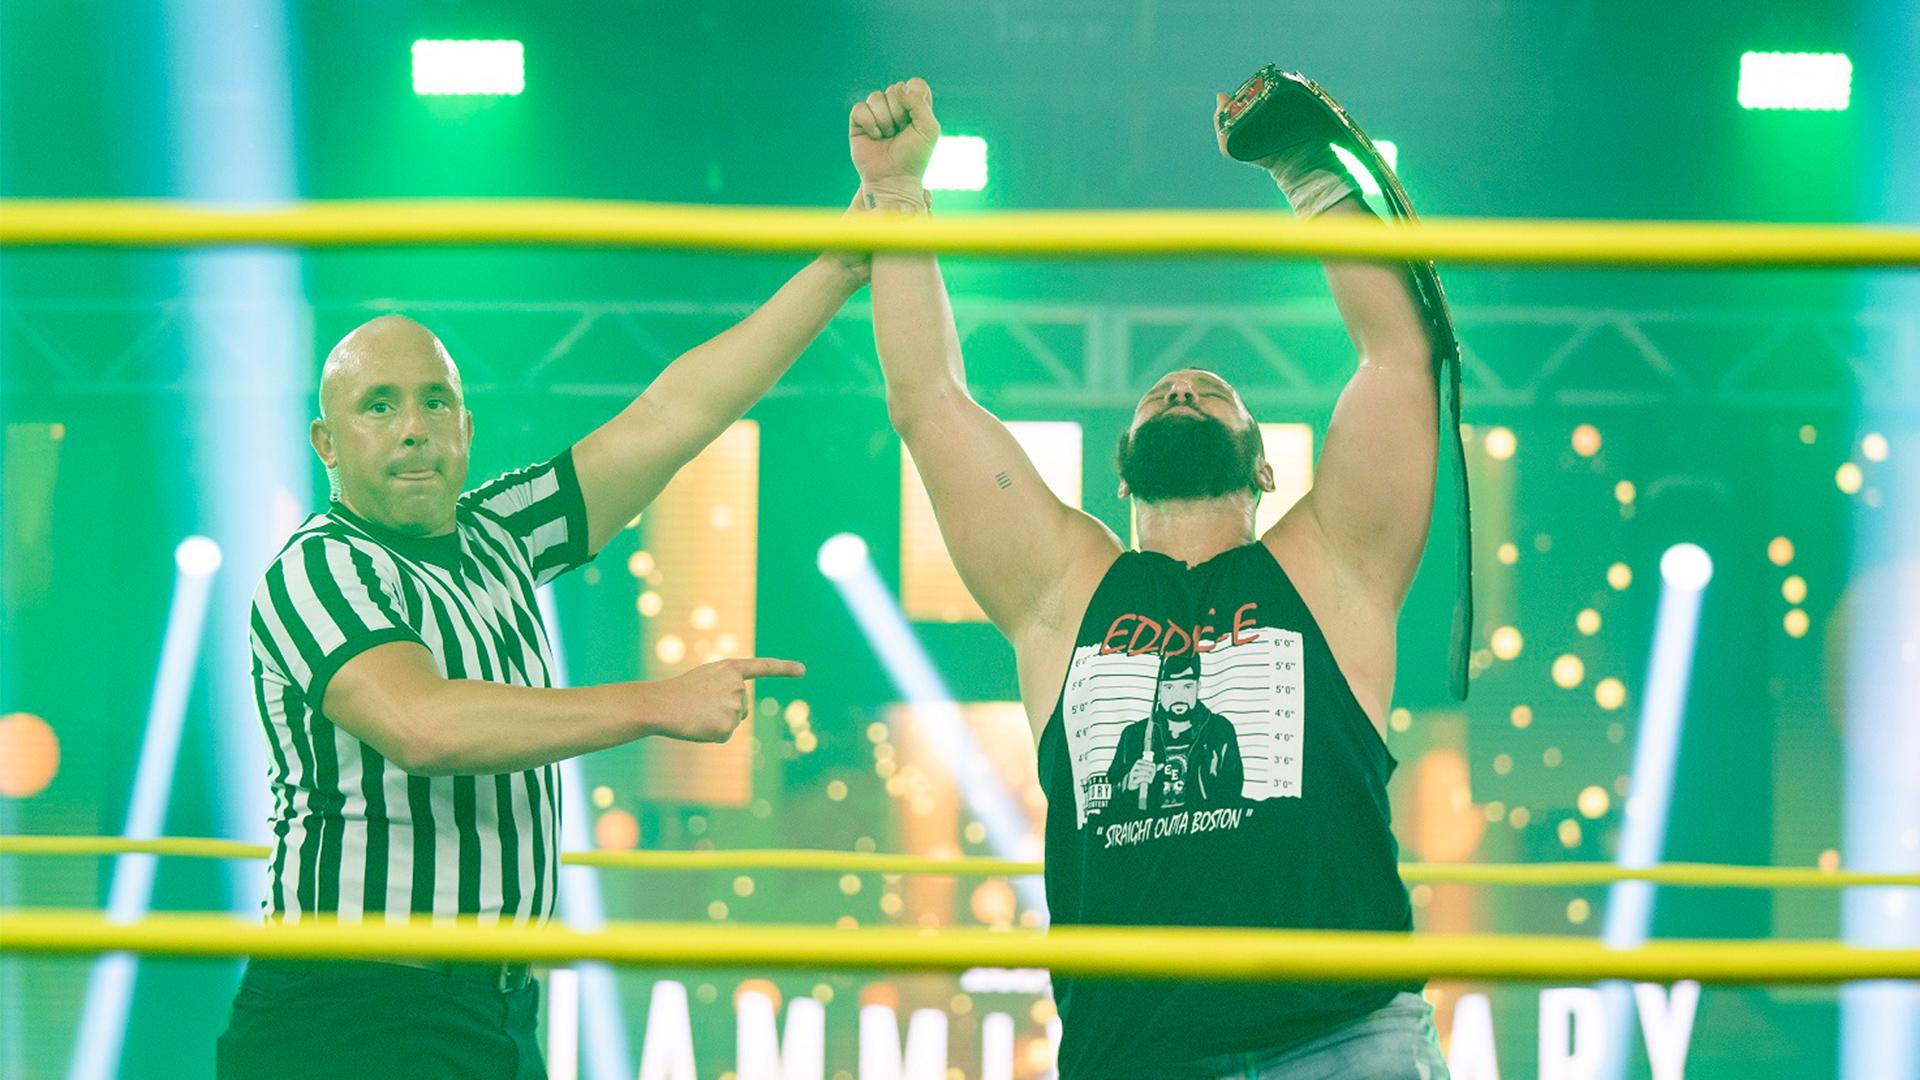 Best of 2020 Part 2 Recap – IMPACT Wrestling